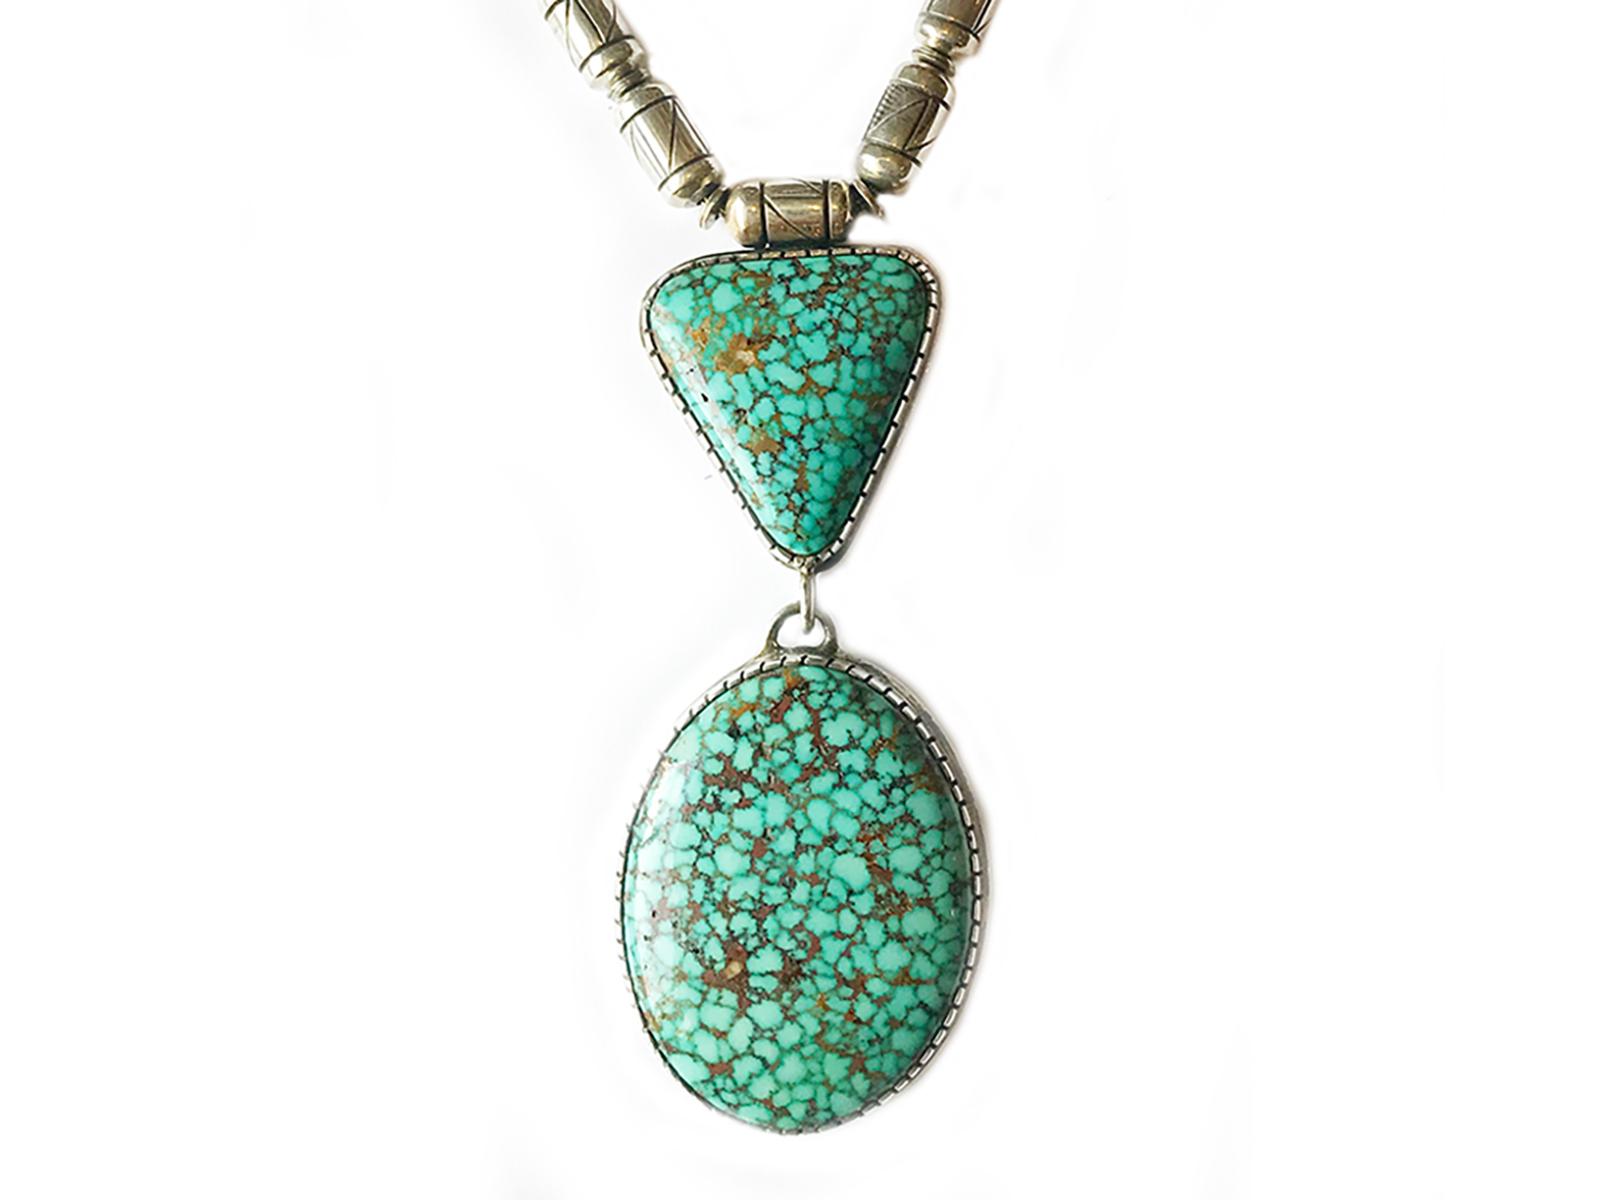 Spiderweb Kingman Turquoise Necklace